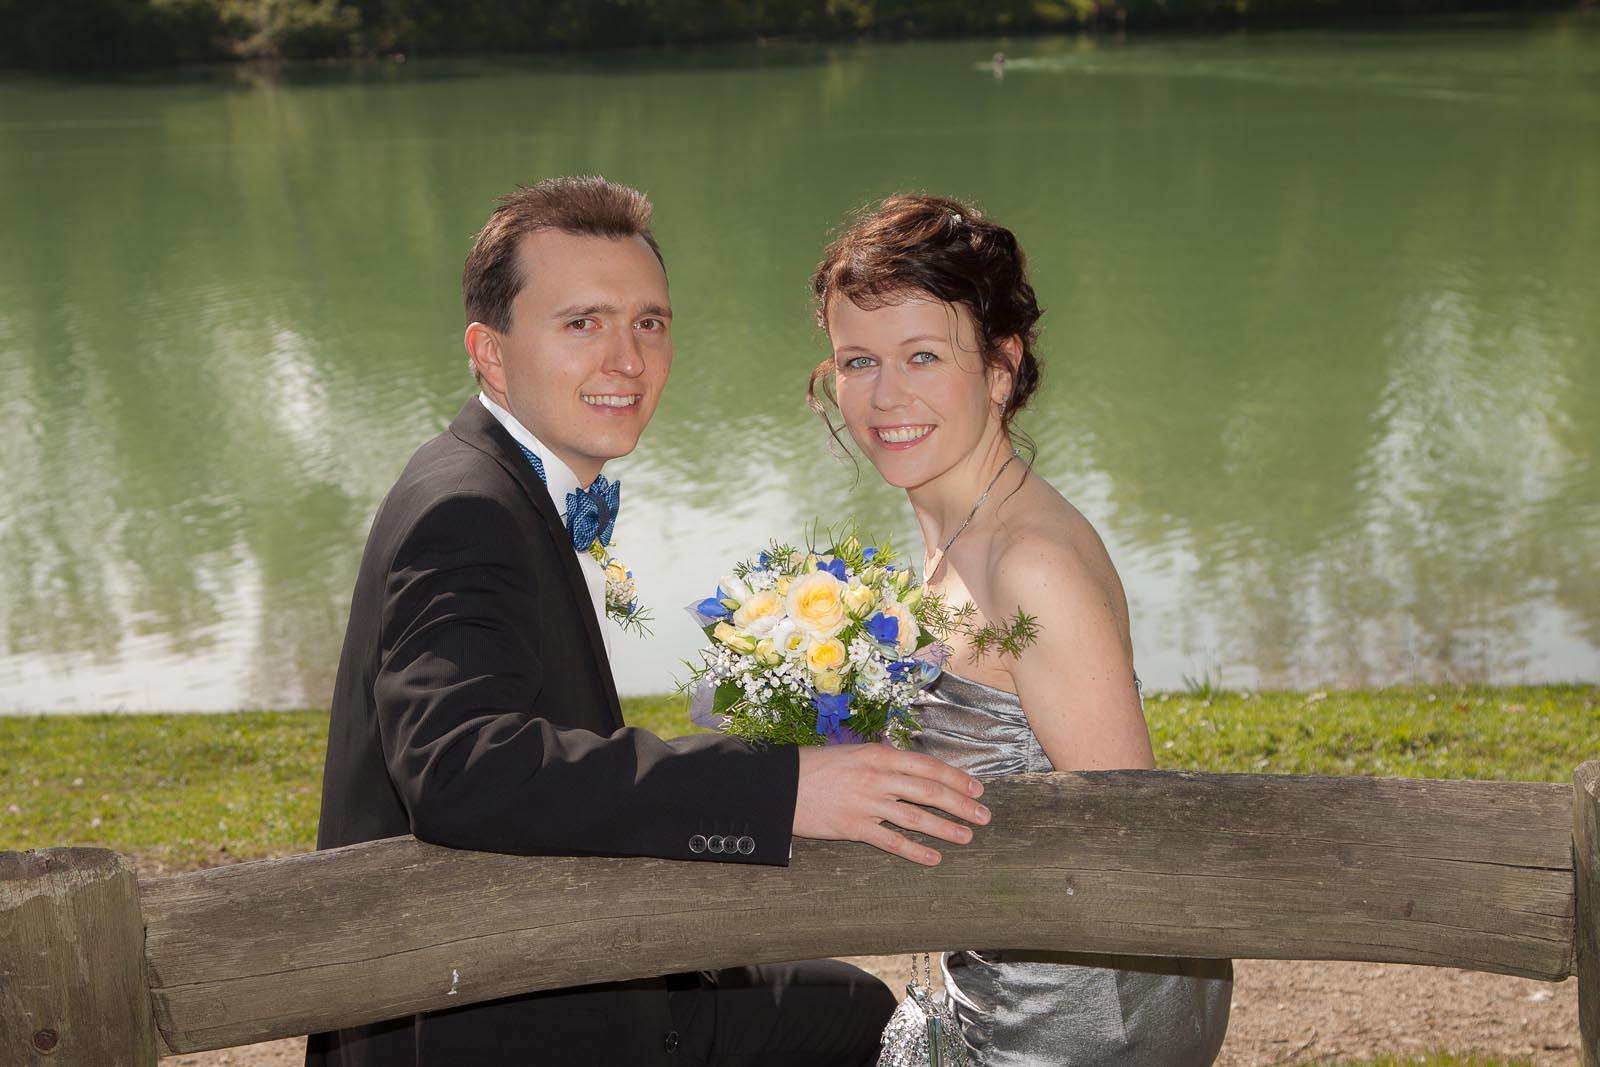 Hochzeit-Portraits-Ulbrich-Hochzeit-Ulbrich-0838.jpg